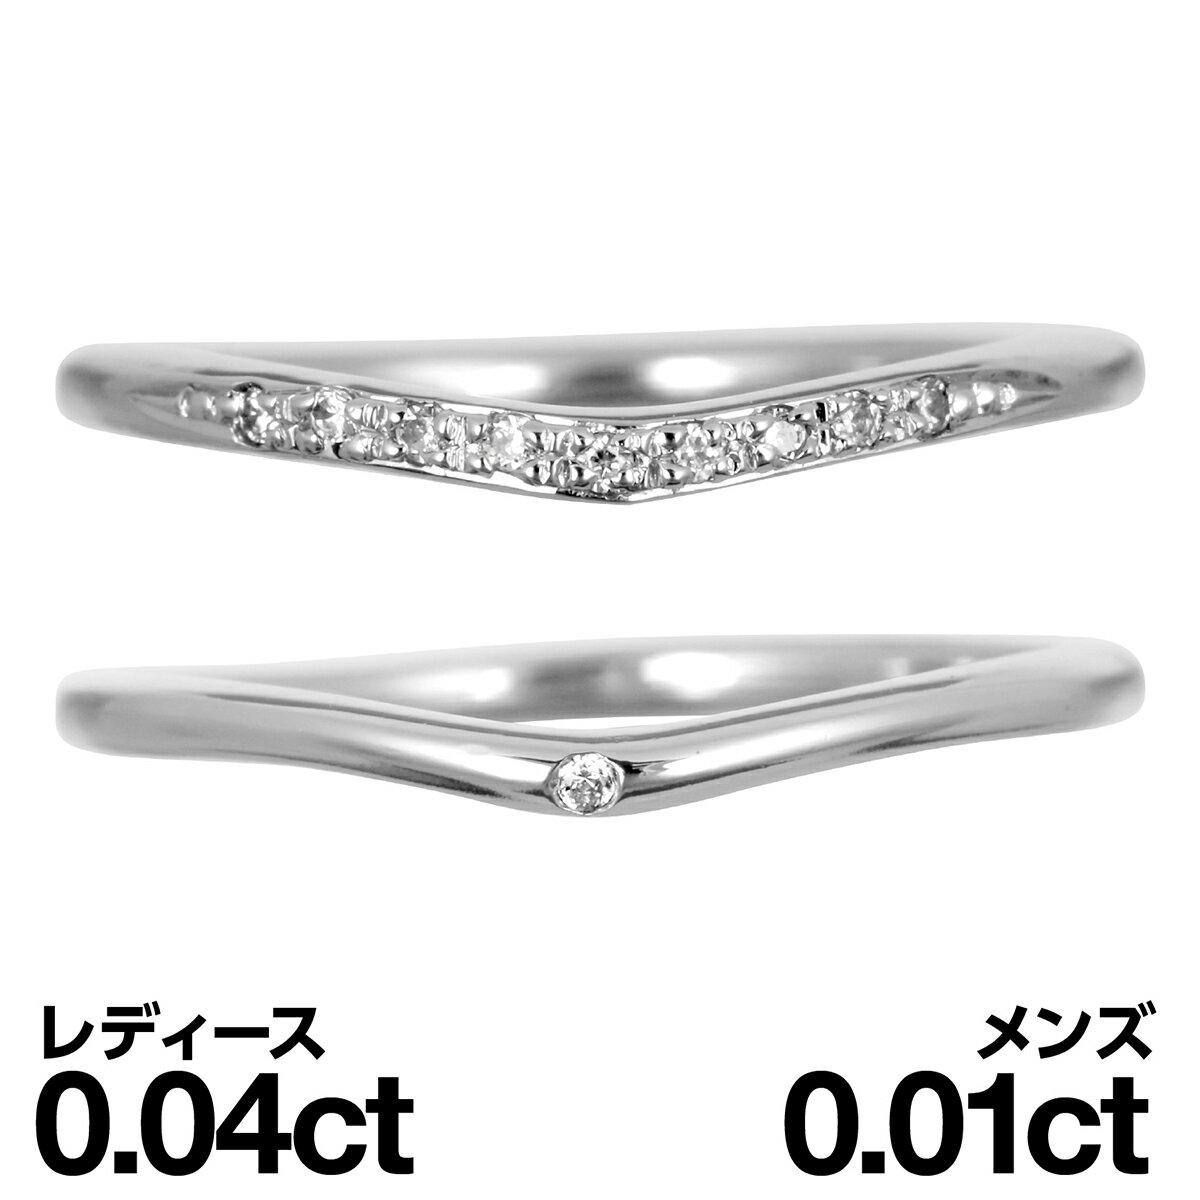 ブライダルジュエリー・アクセサリー, 結婚指輪・マリッジリング  k10 2